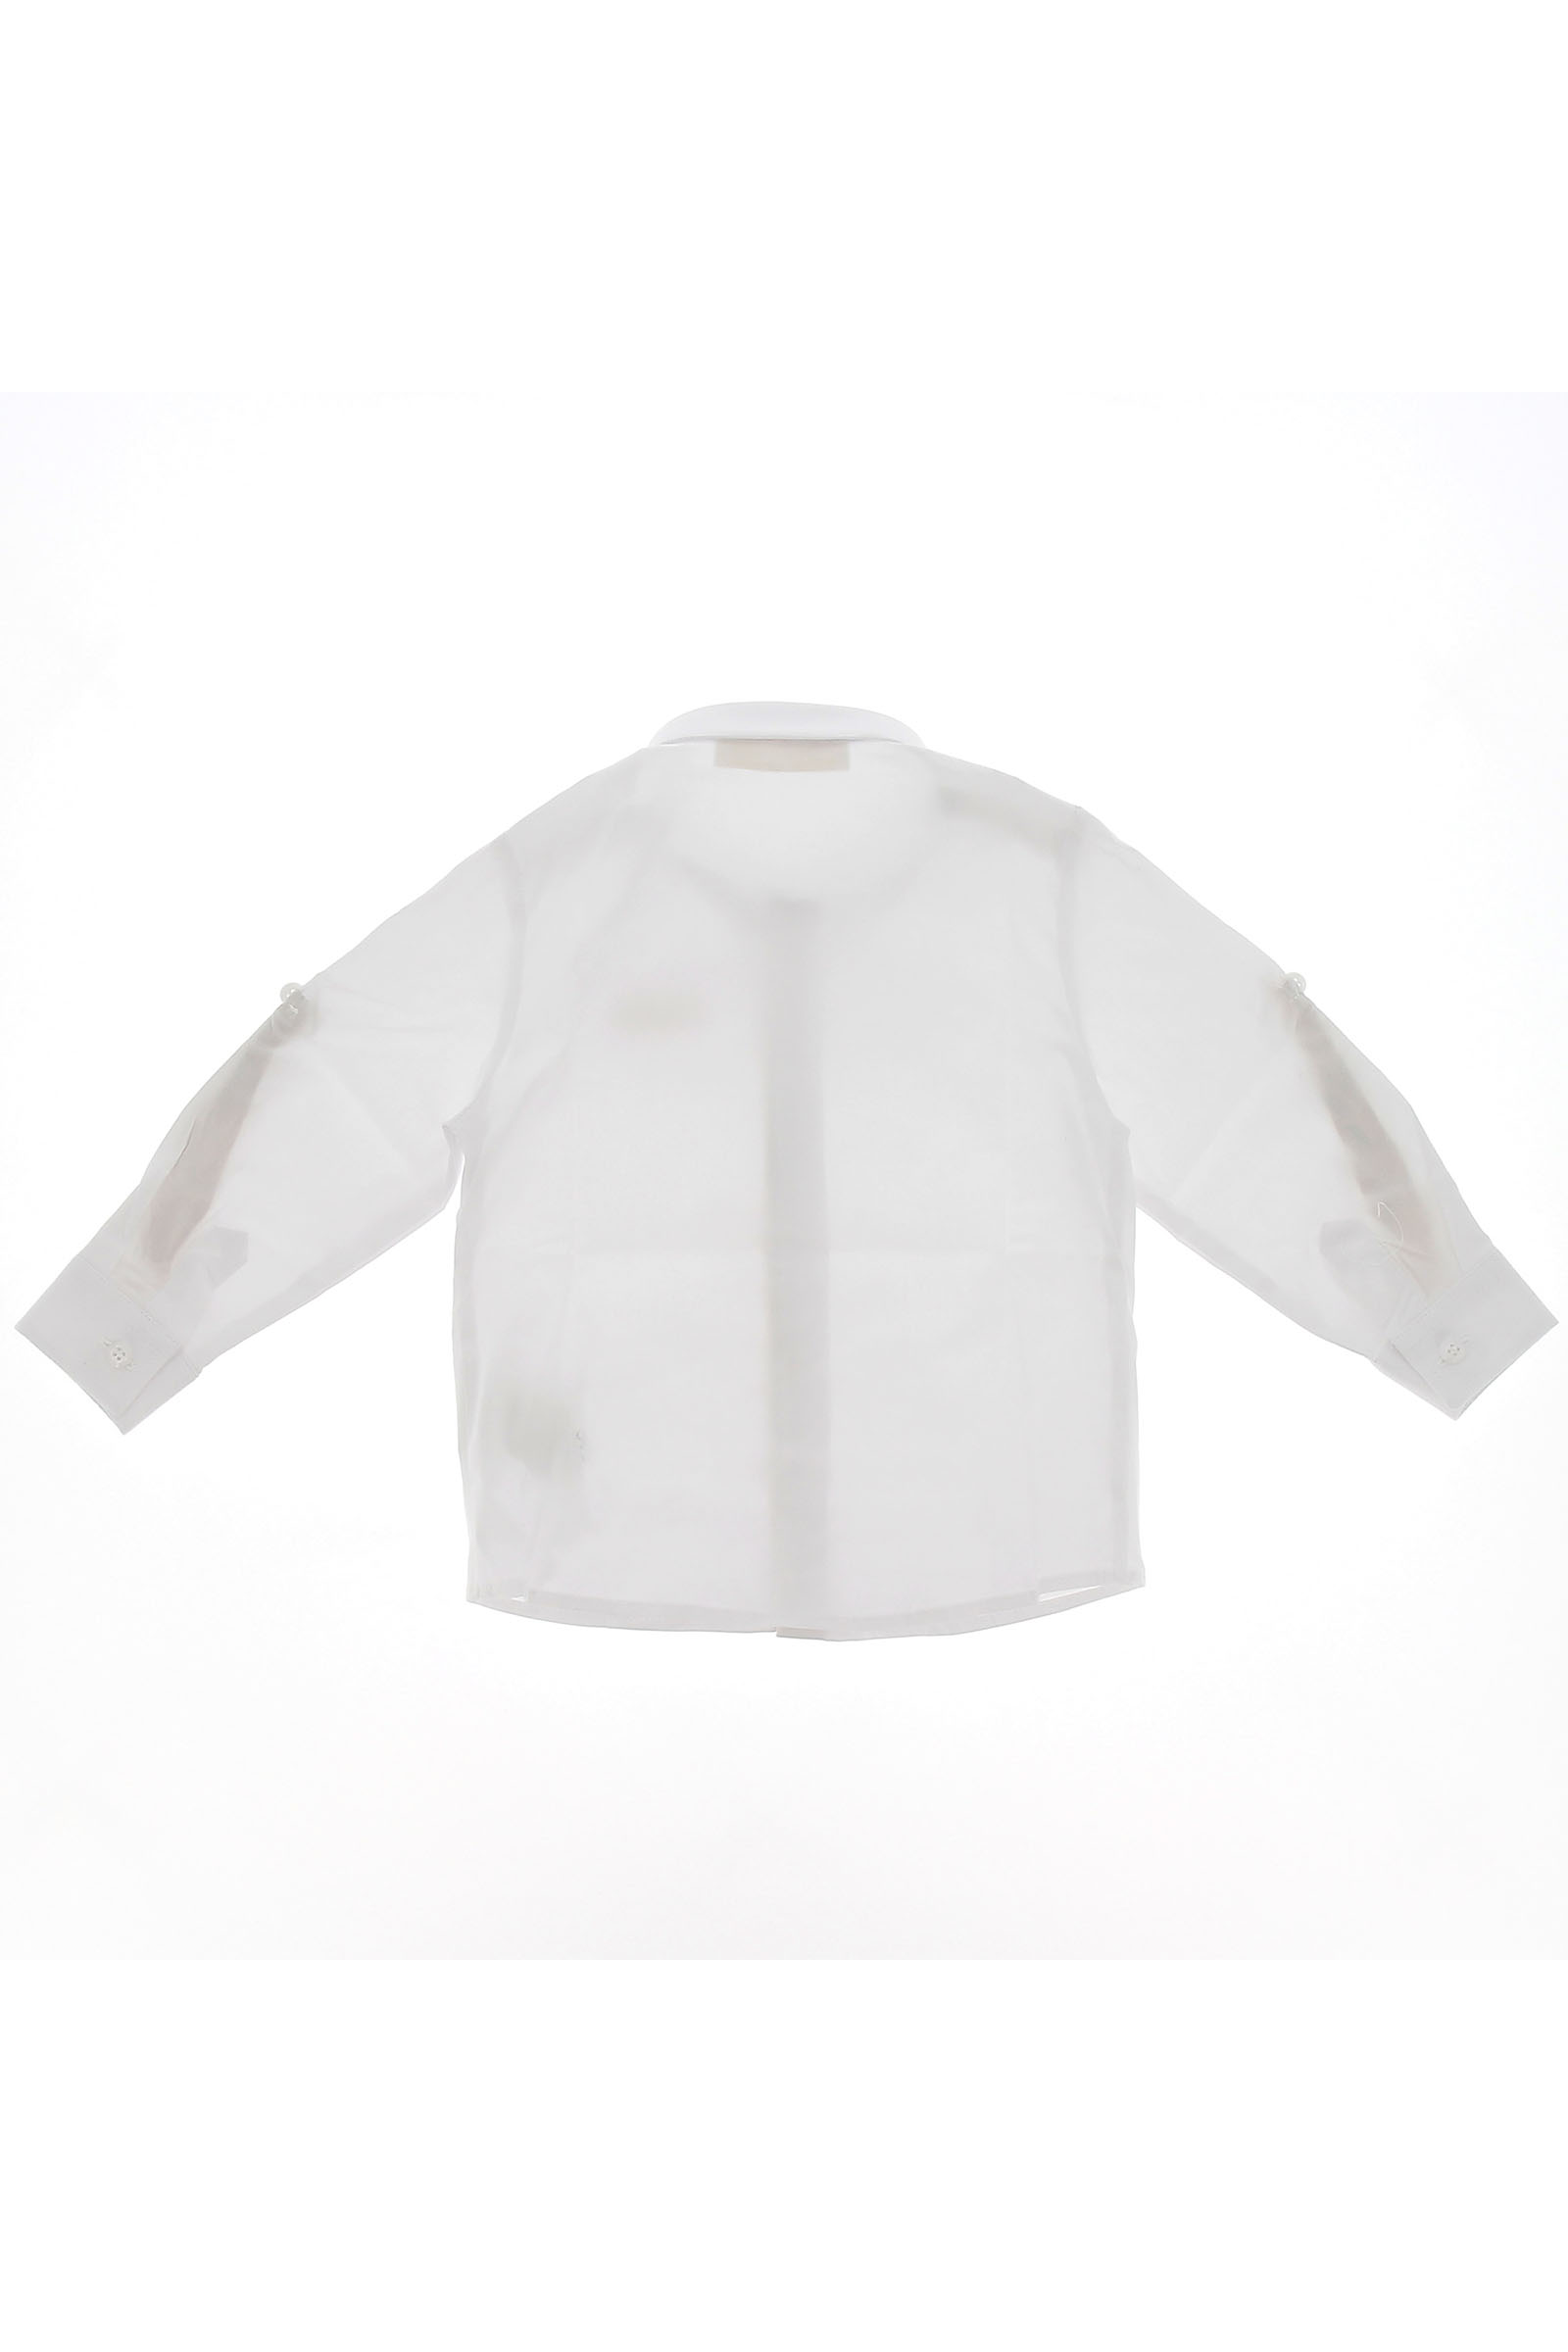 Alviero Martini shirt MARBEL | Shirt | 2575C0069IWHITE